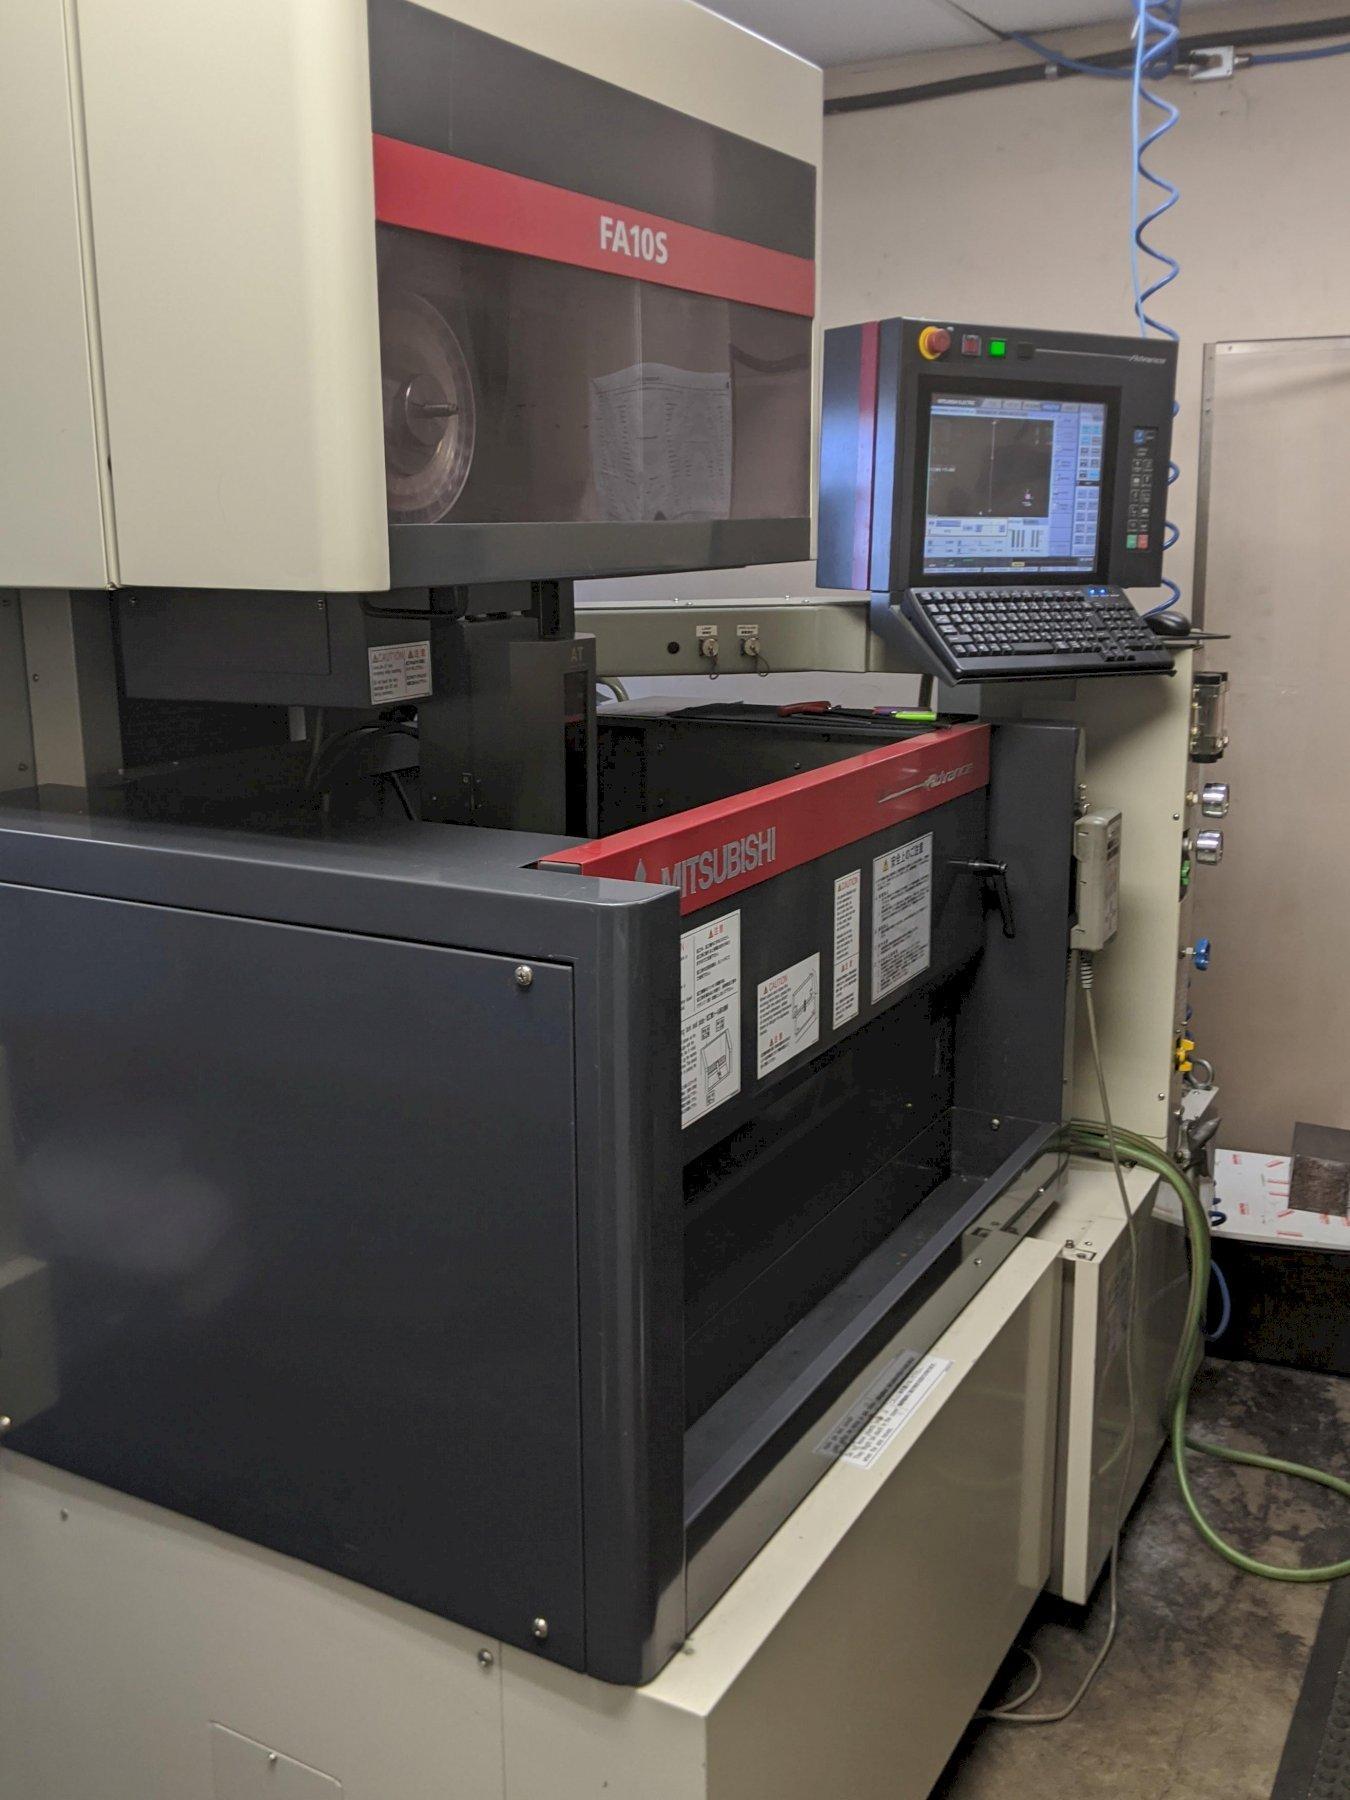 Mitsubishi FA/10-S Advanced CNC Wire EDM, W31FSA-2 Control, 14